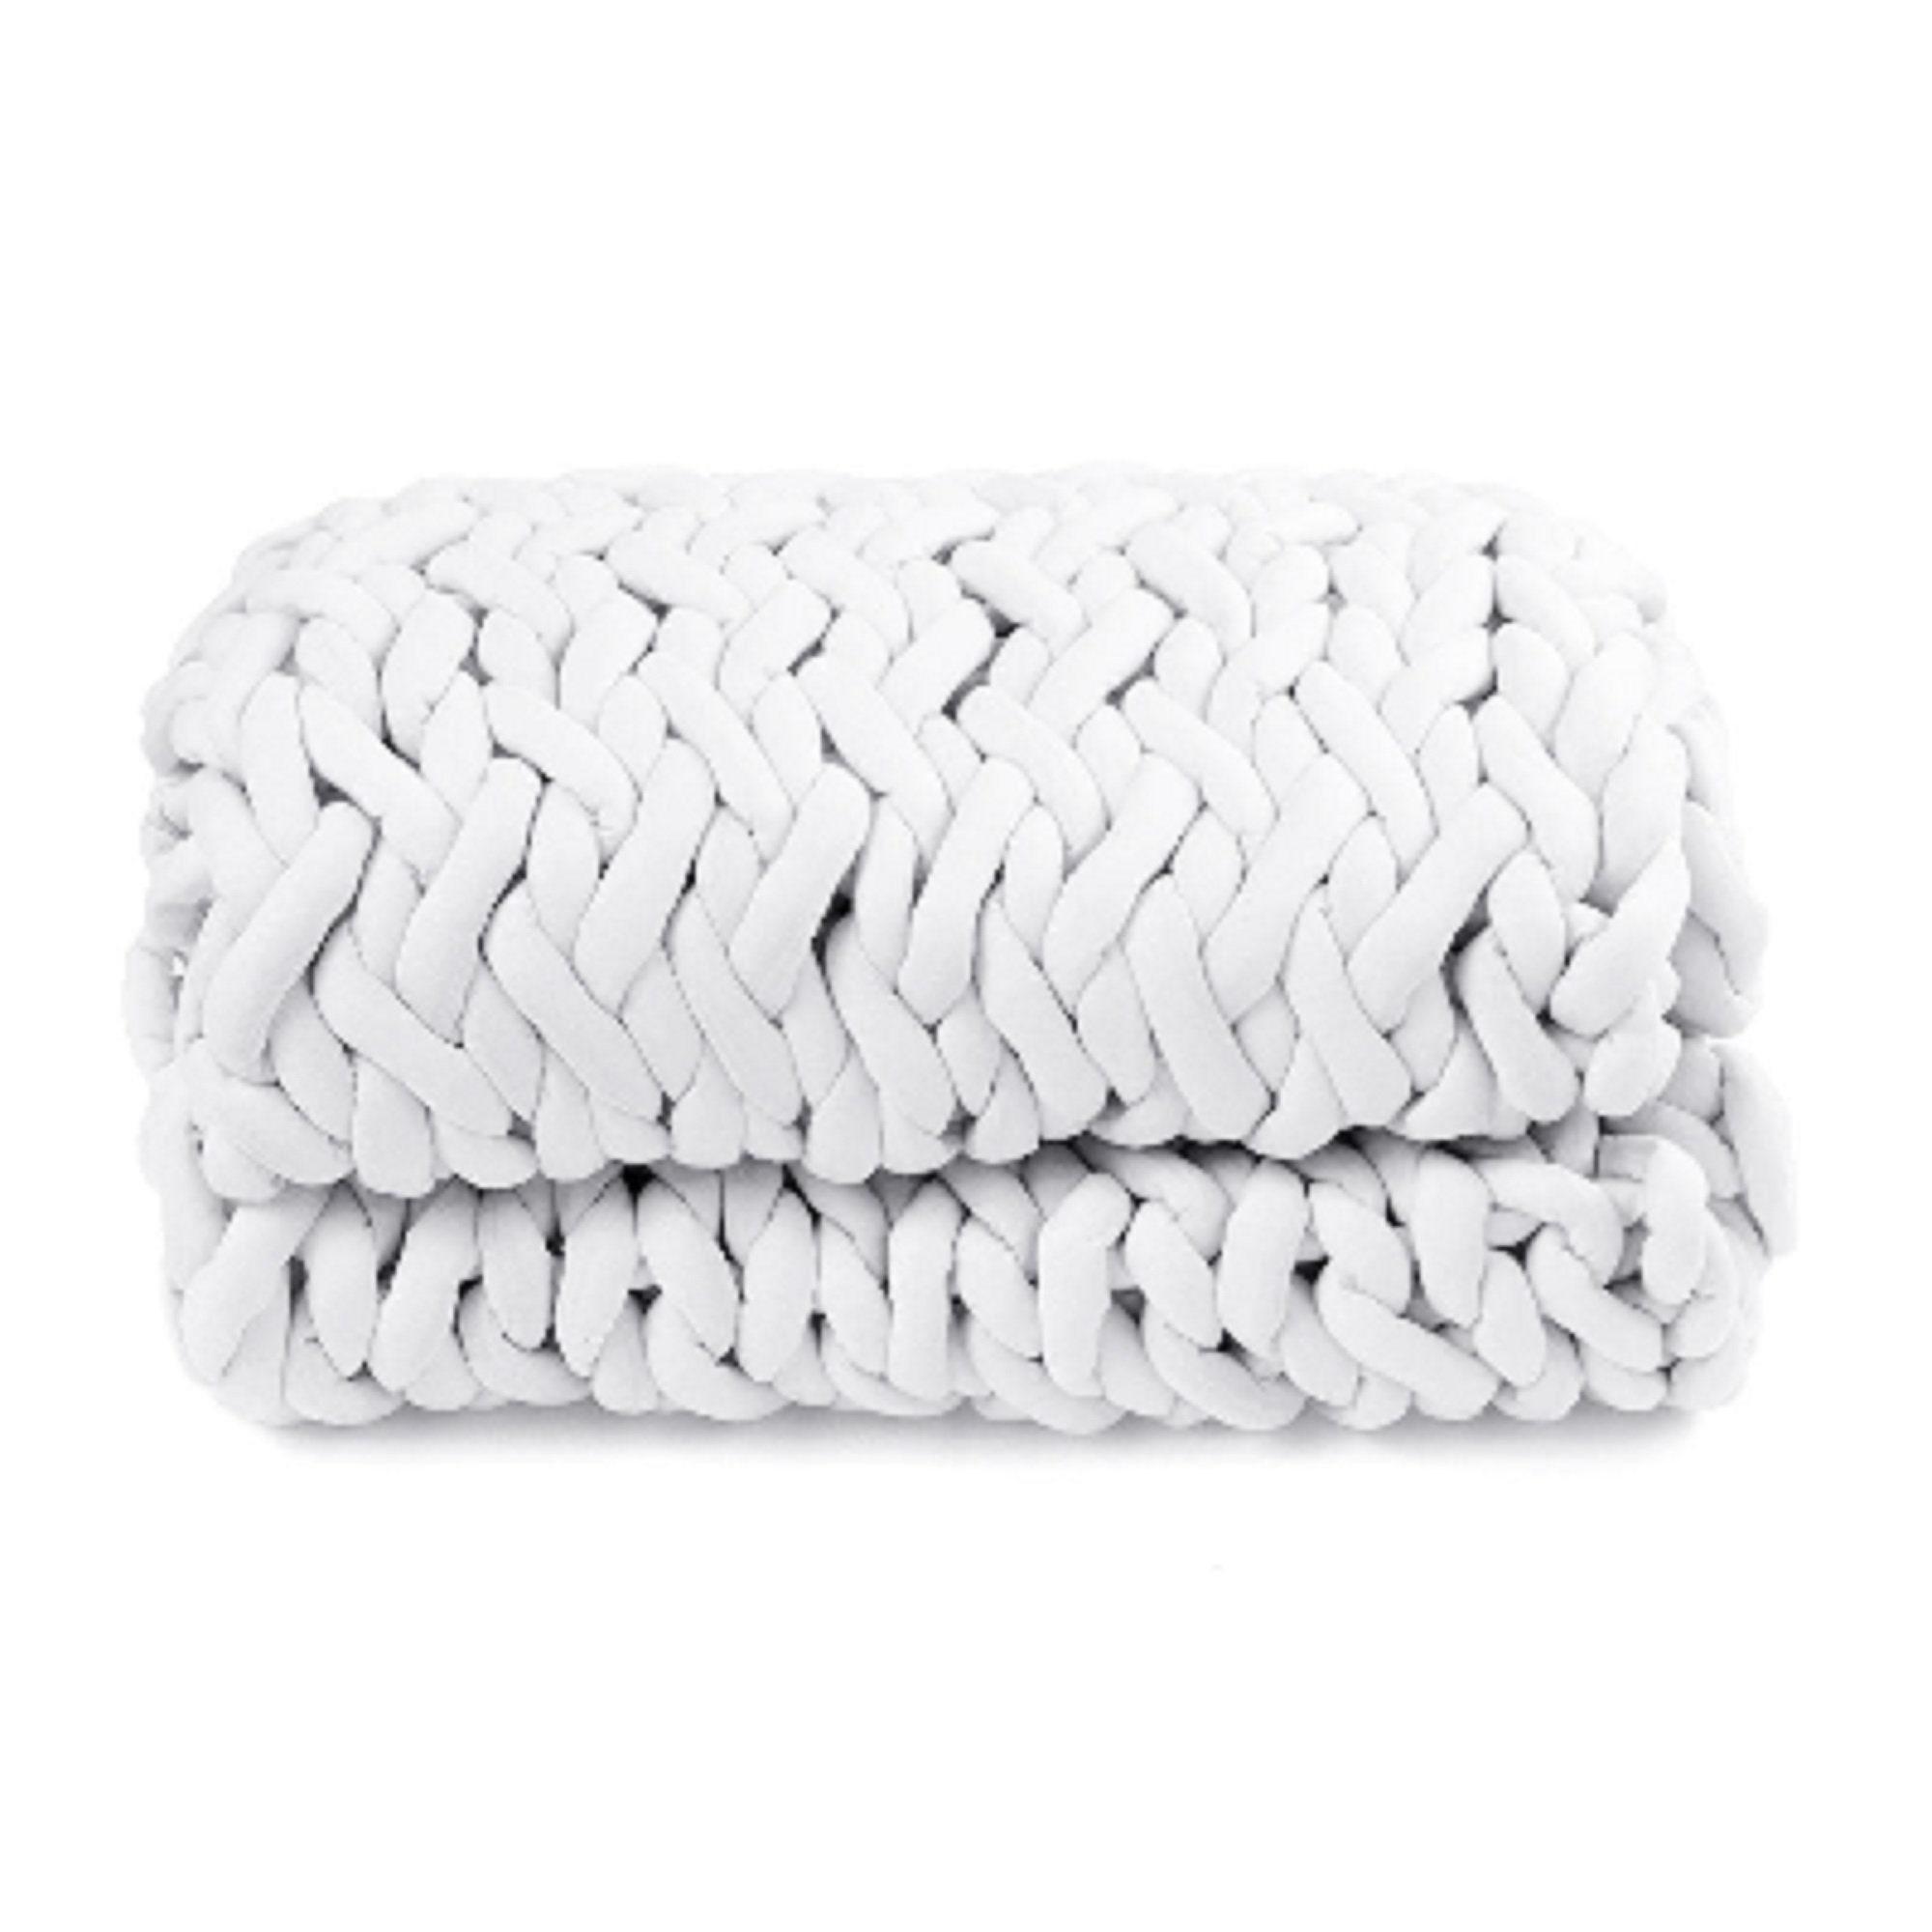 Couverture de couverture de sofa tricotée au crochet faite à la main - 60cm x 60cm